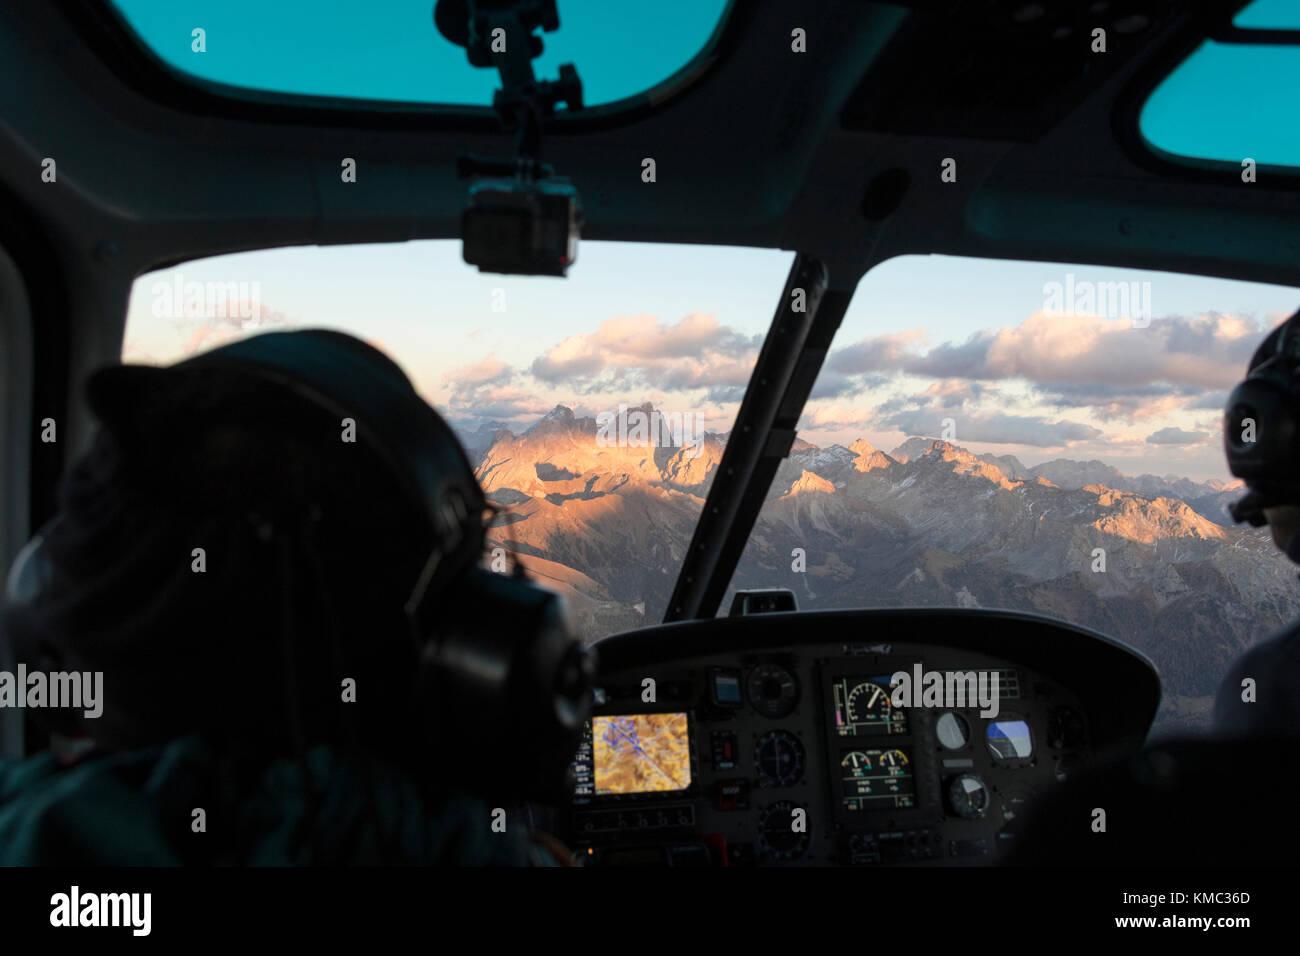 Elicottero Interno : Interno della cabina di pilotaggio di un elicottero in volo sulle